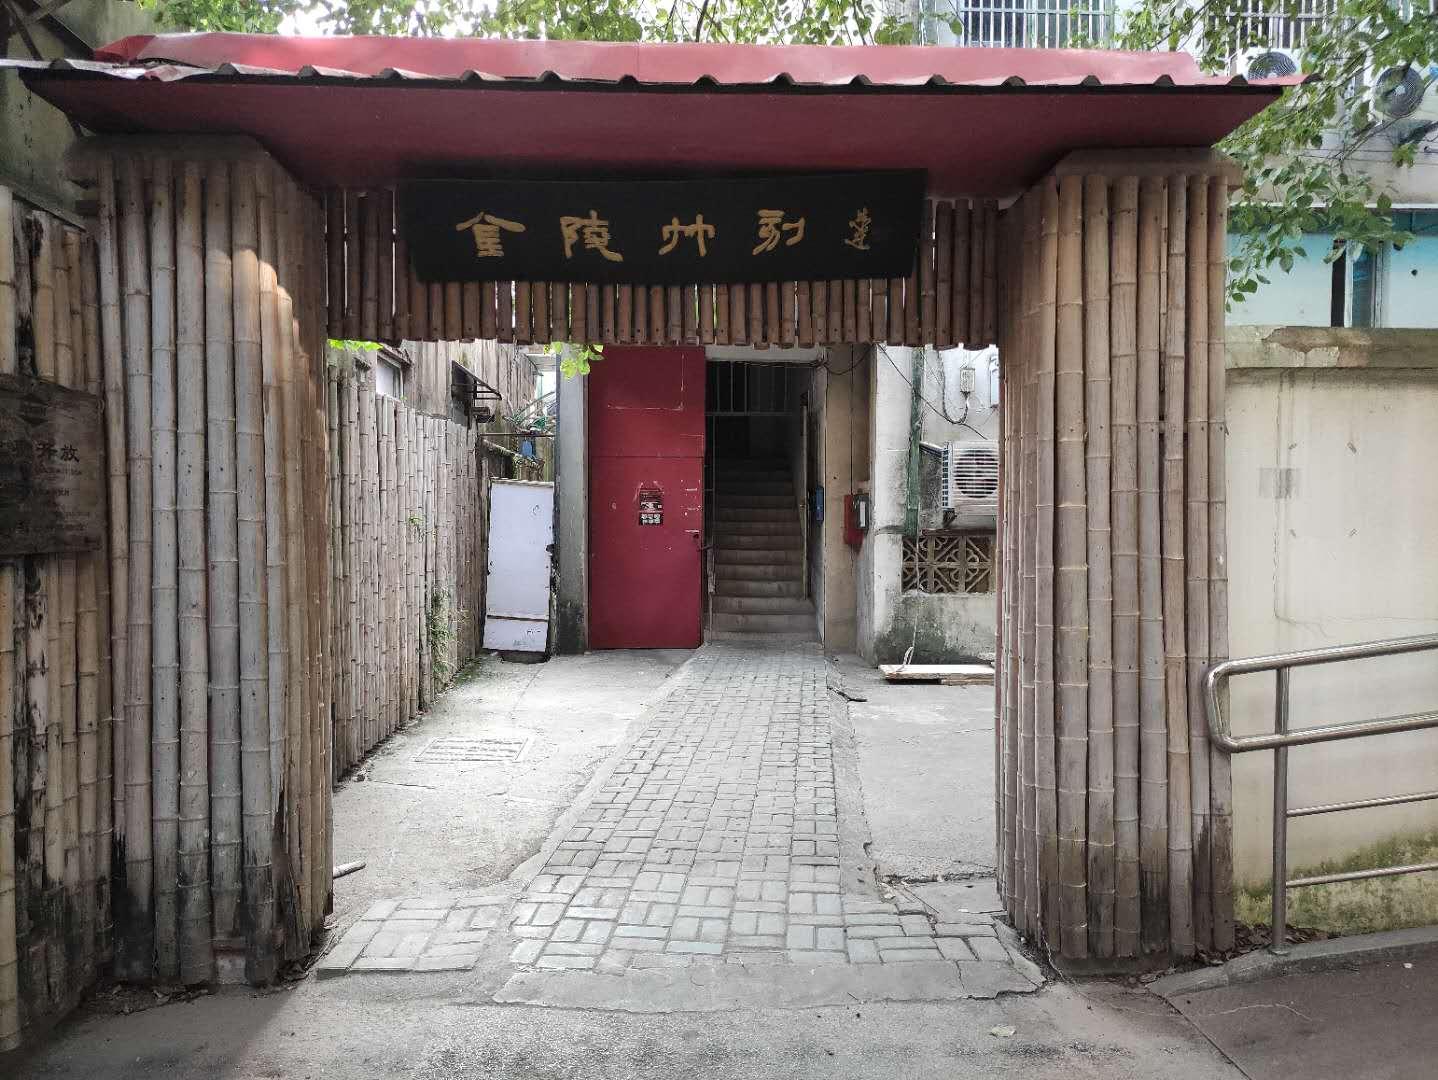 鲜奇博物馆︱金陵竹刻艺术博物馆:以刀代笔,以竹为纸,刀刀皆匠心